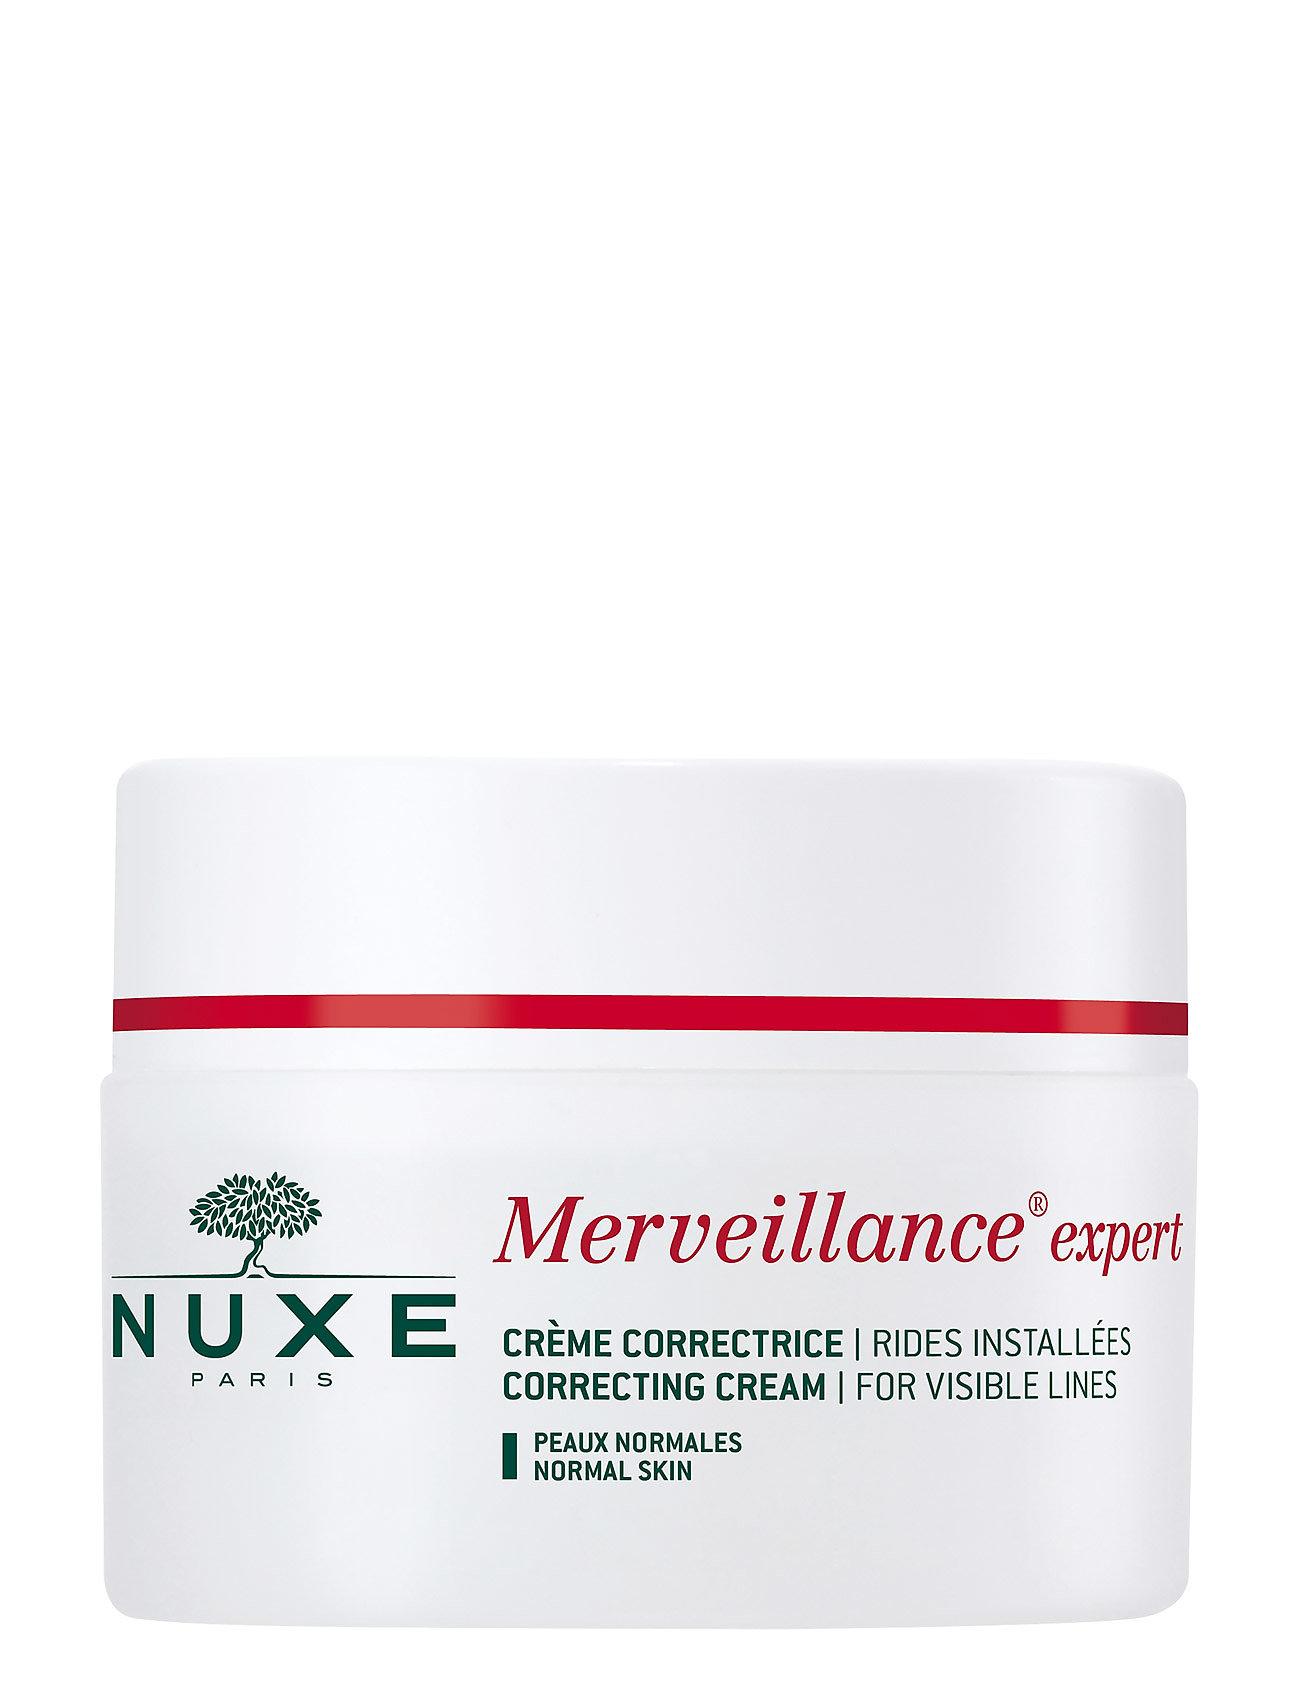 nuxe – Merveillance expert day normal på boozt.com dk